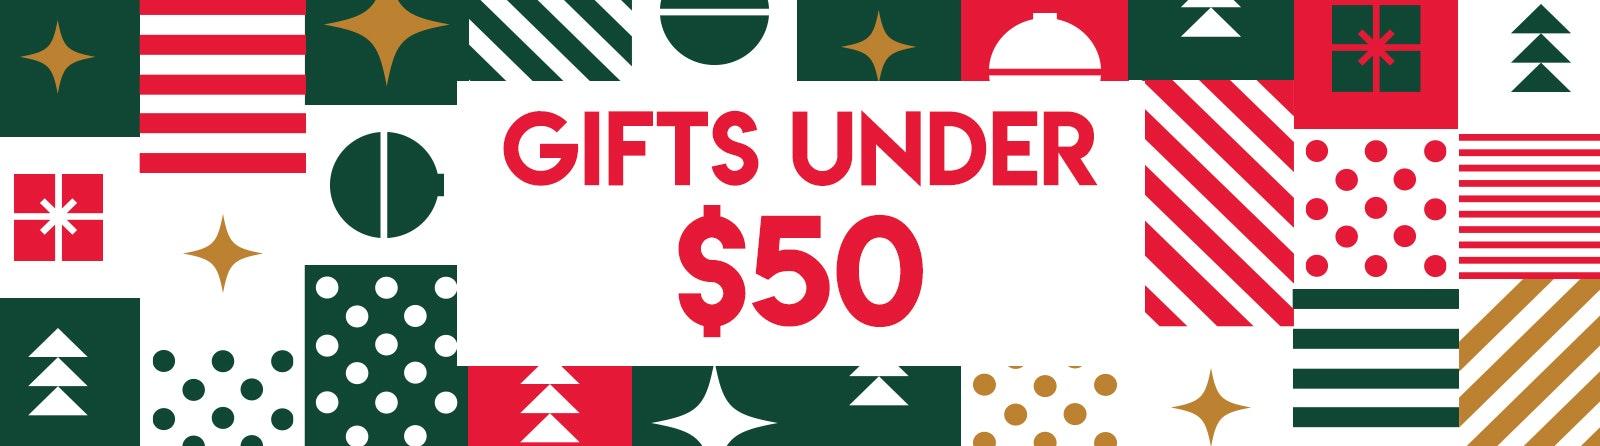 Gifts Under $50 Banner